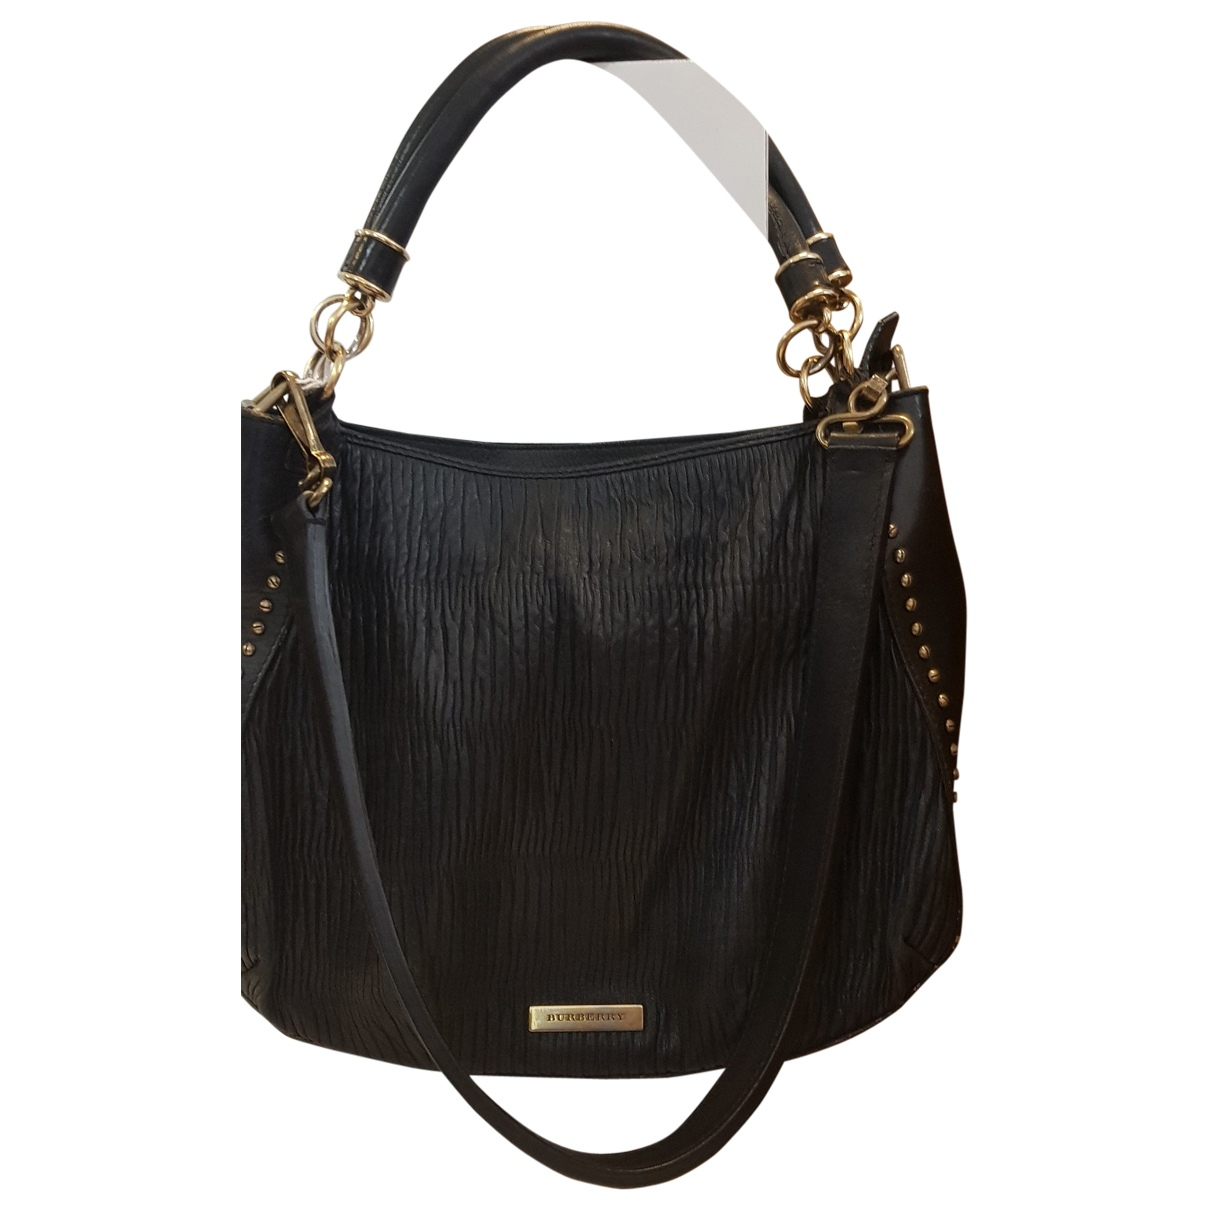 Burberry - Sac a main   pour femme en cuir - noir